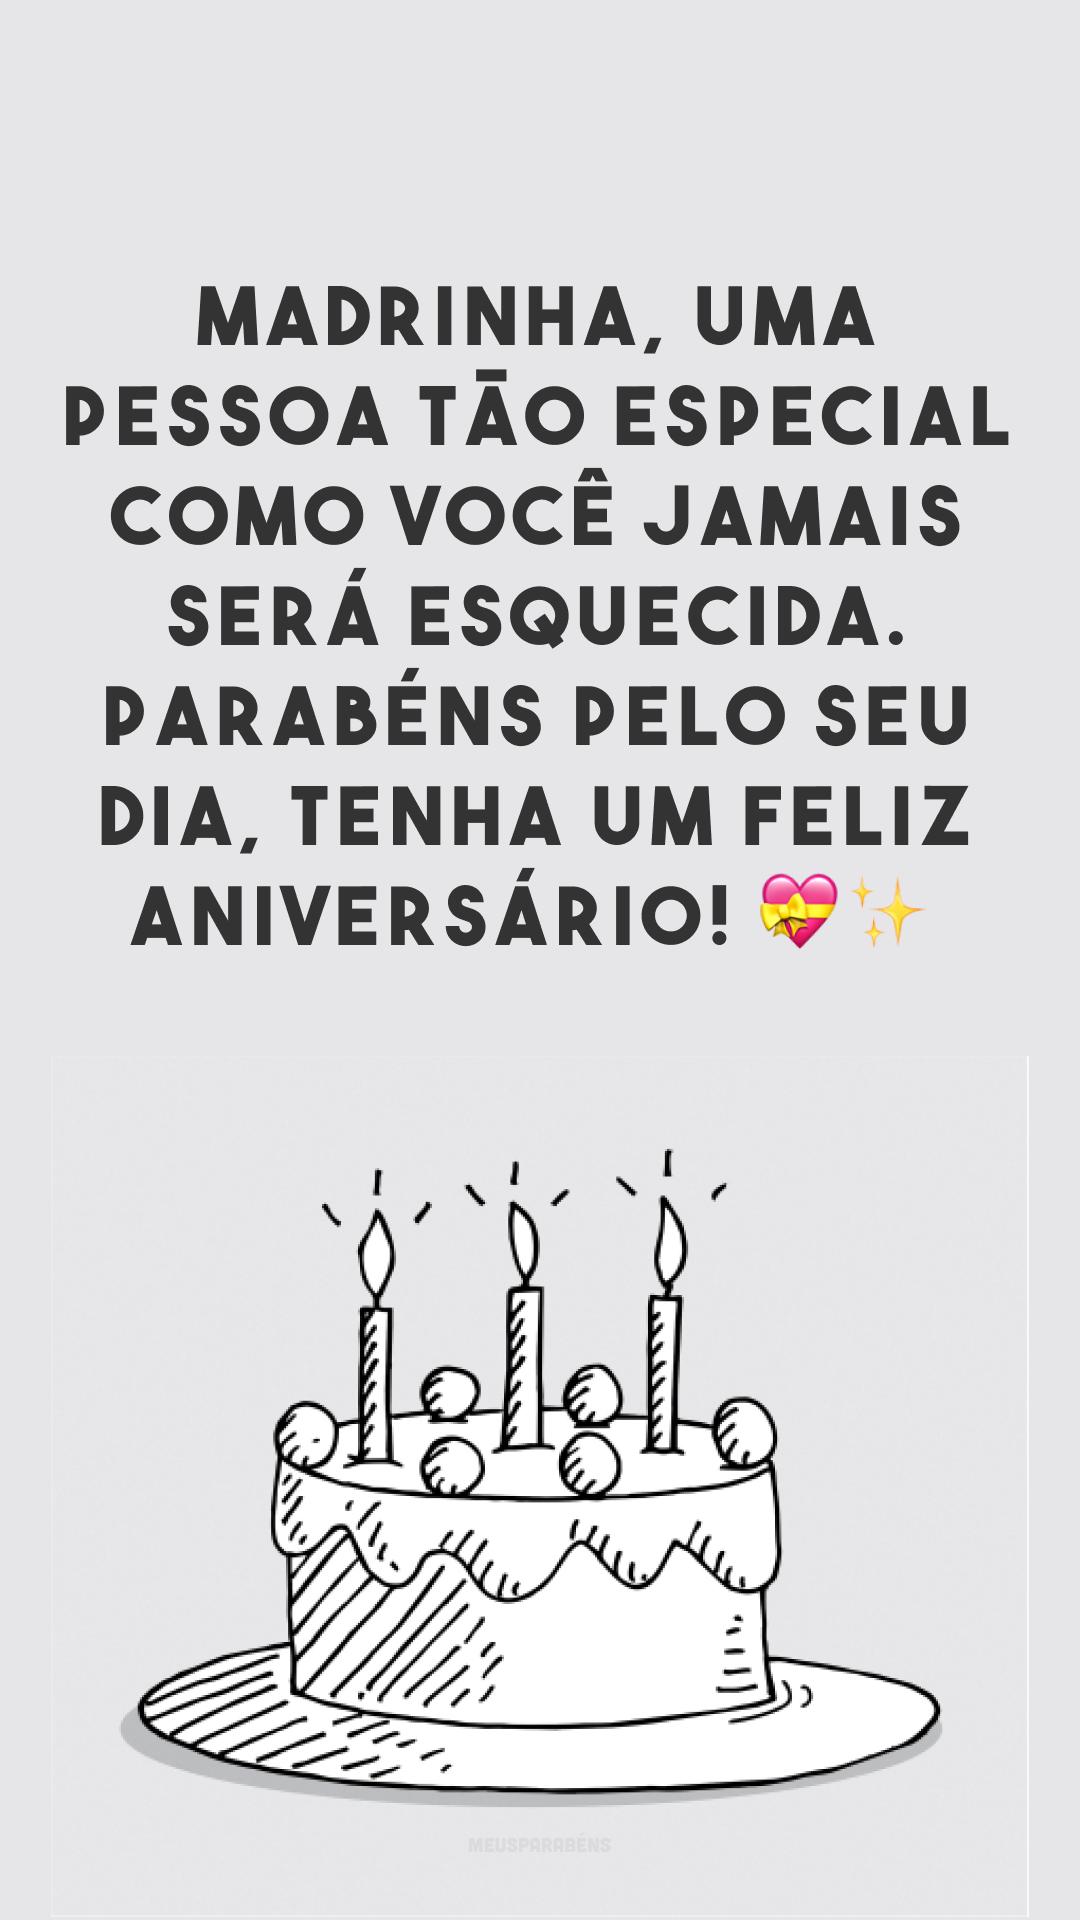 Madrinha, uma pessoa tão especial como você jamais será esquecida. Parabéns pelo seu dia, tenha um feliz aniversário! 💝✨